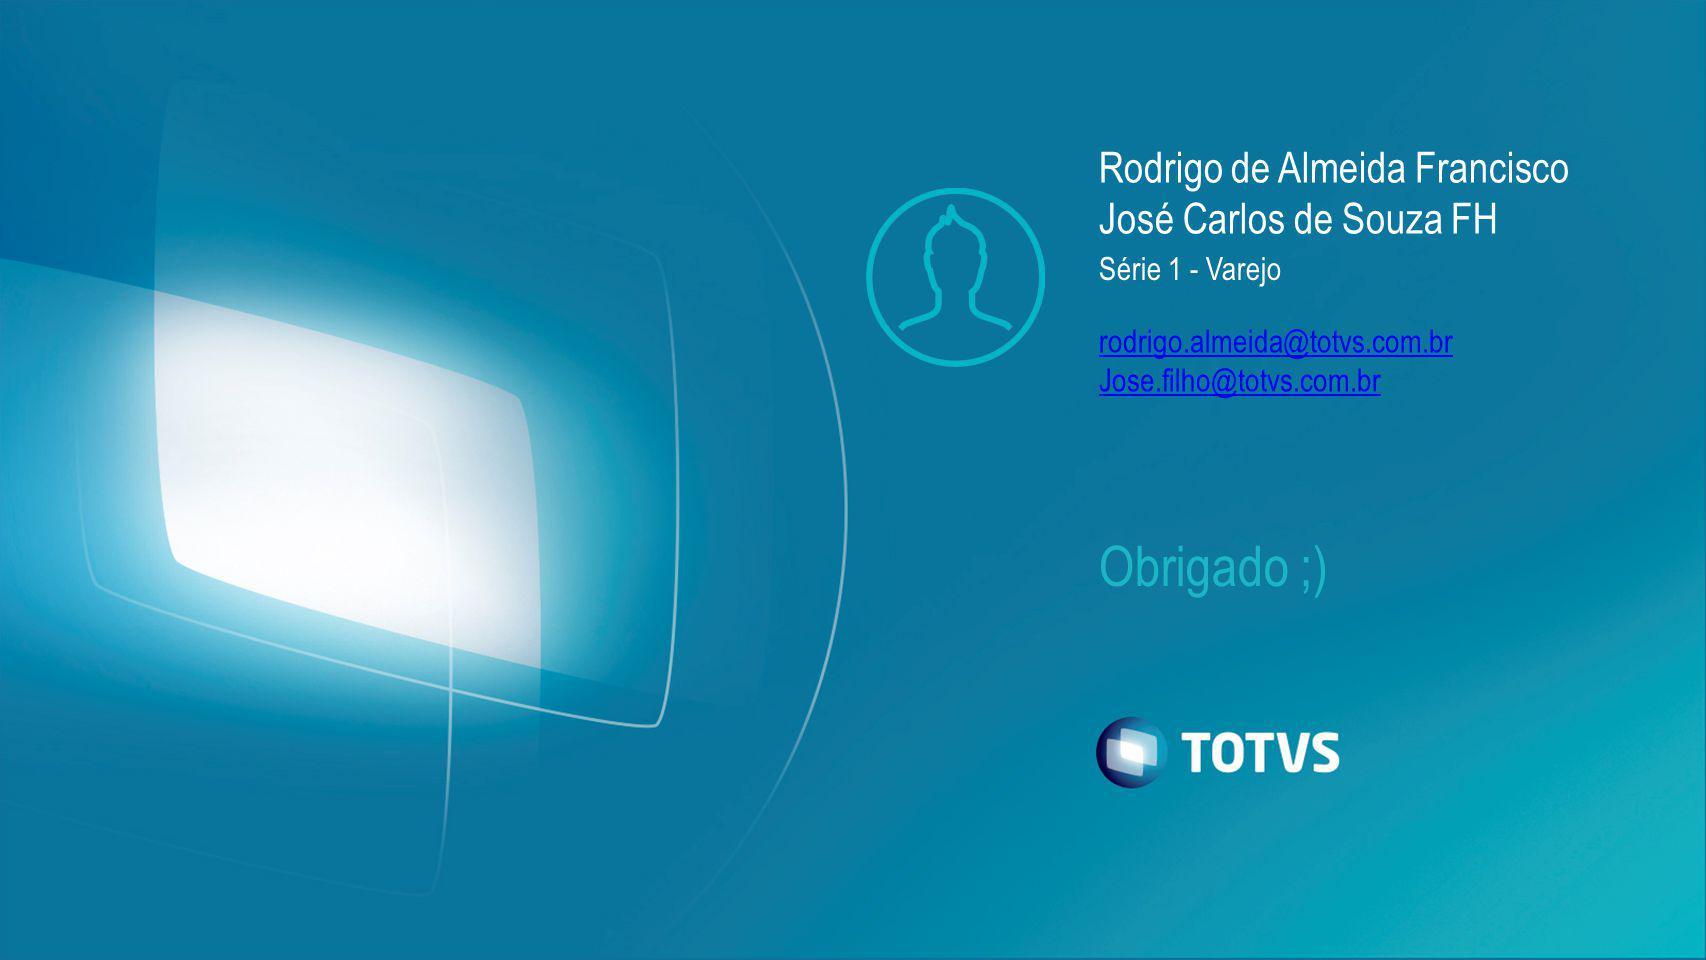 Rodrigo de Almeida Francisco José Carlos de Souza FH